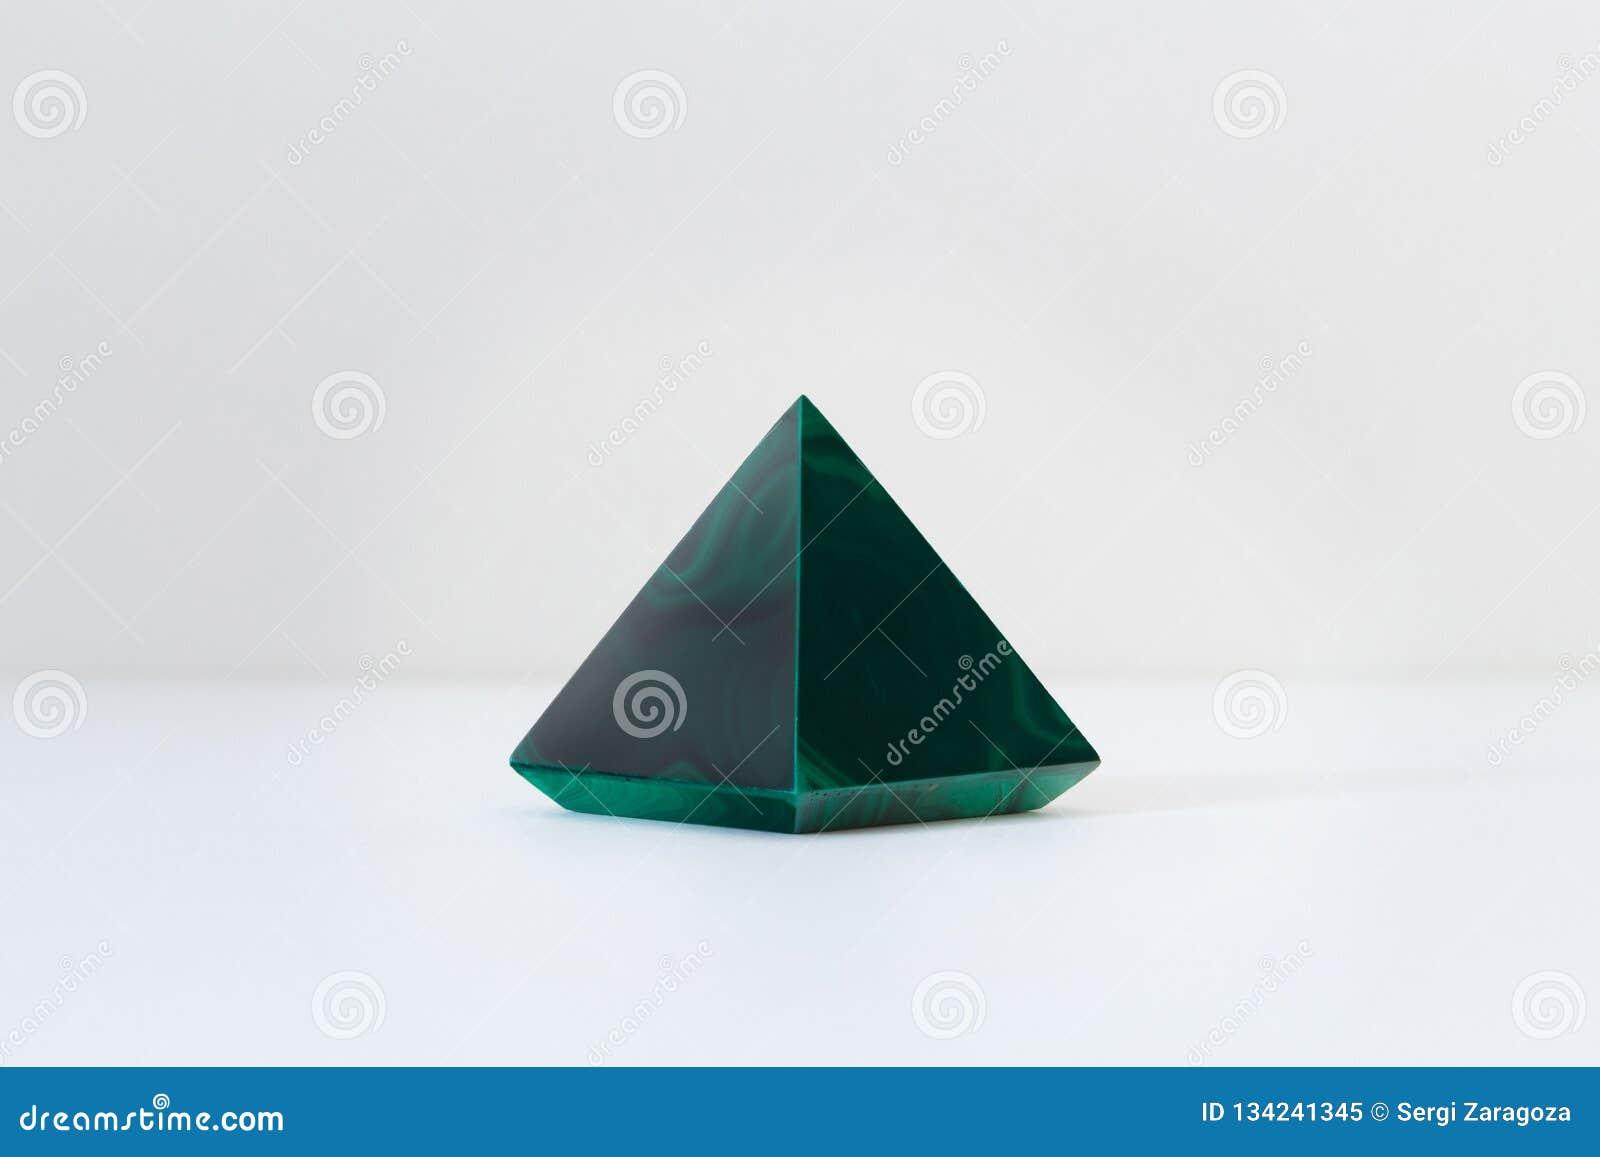 Lumière moderne confortable Pierre gemme vert clair intérieure de malachite de vrai état polie avec une forme de pyramide